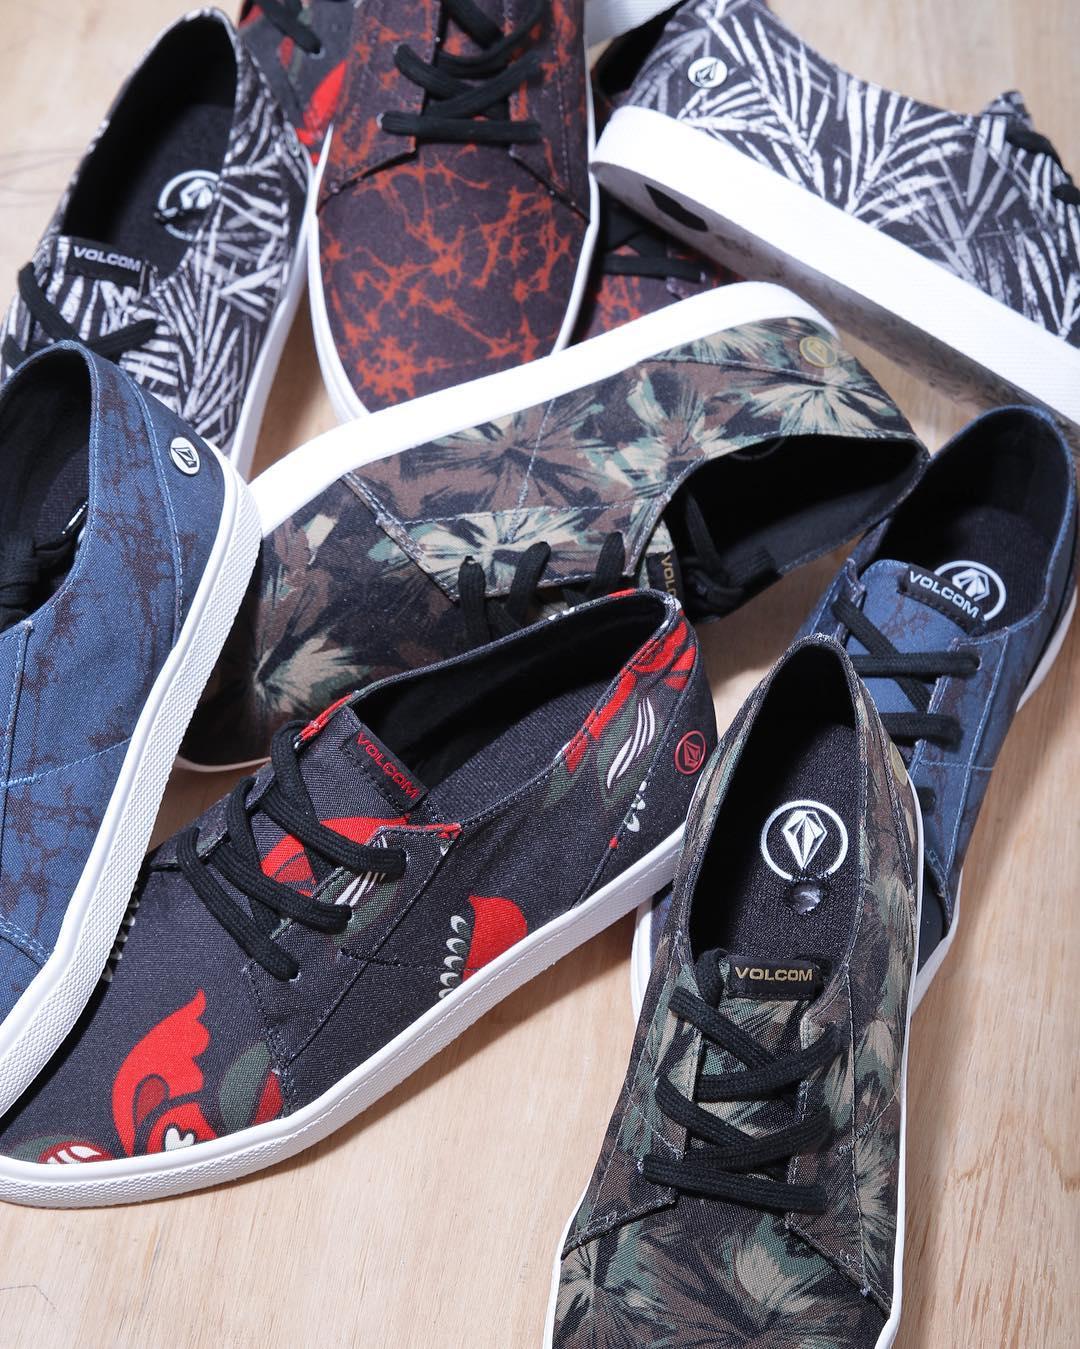 Vení x tus Lo Fi. Nuevas estampas y colores en #volcomstores #AW16 #volcomfootwear #truetothis